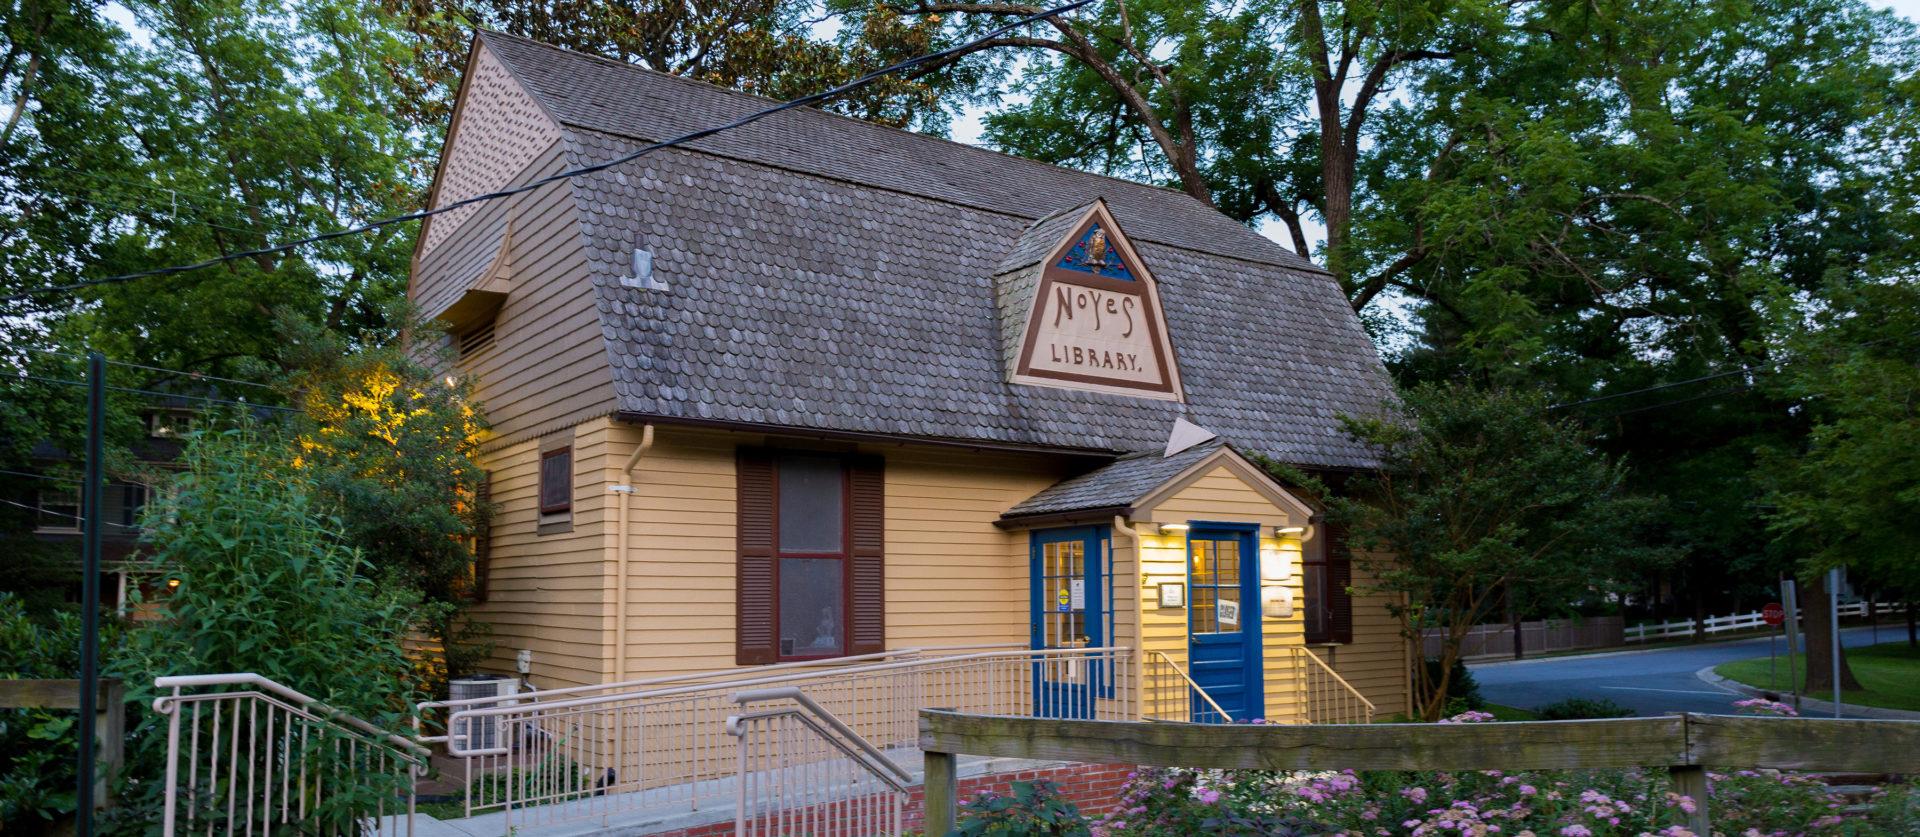 IMG_7893 - Noyes Library